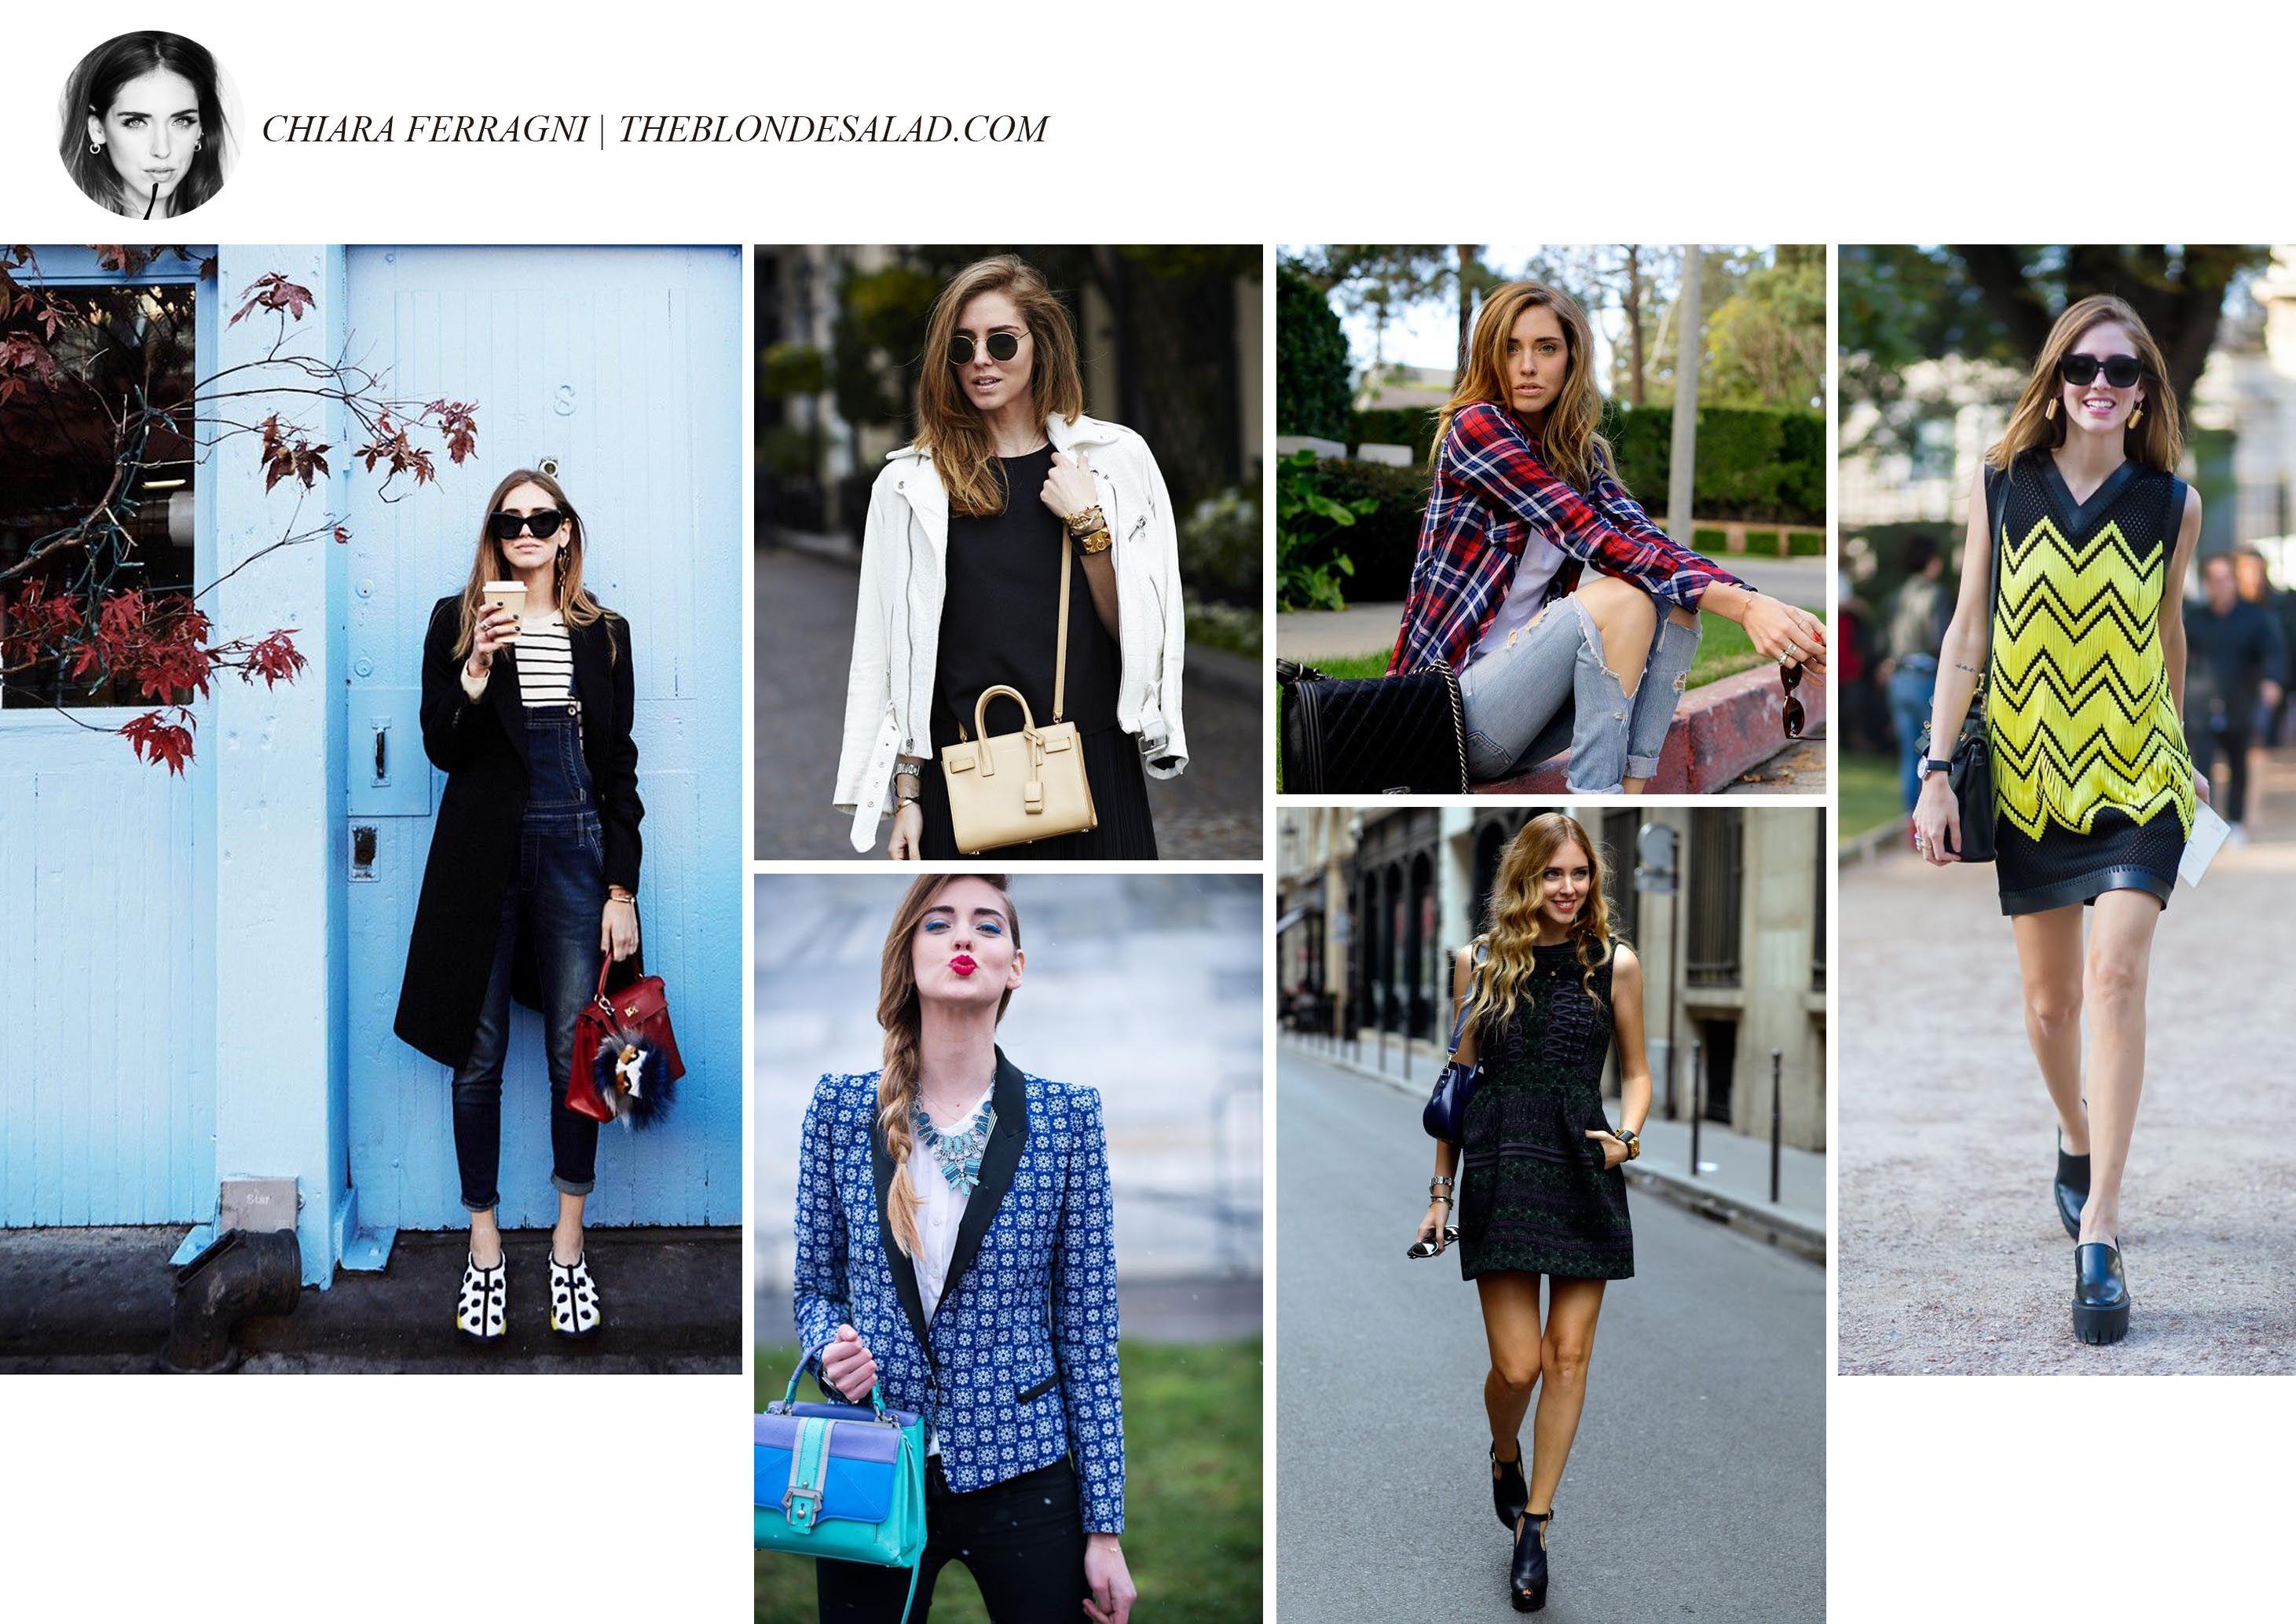 top-10-blogger-chiaraferragni-theblondesaladcom-2-e2dfcdaaa7f82e1e585f2d083ceda17a.jpg